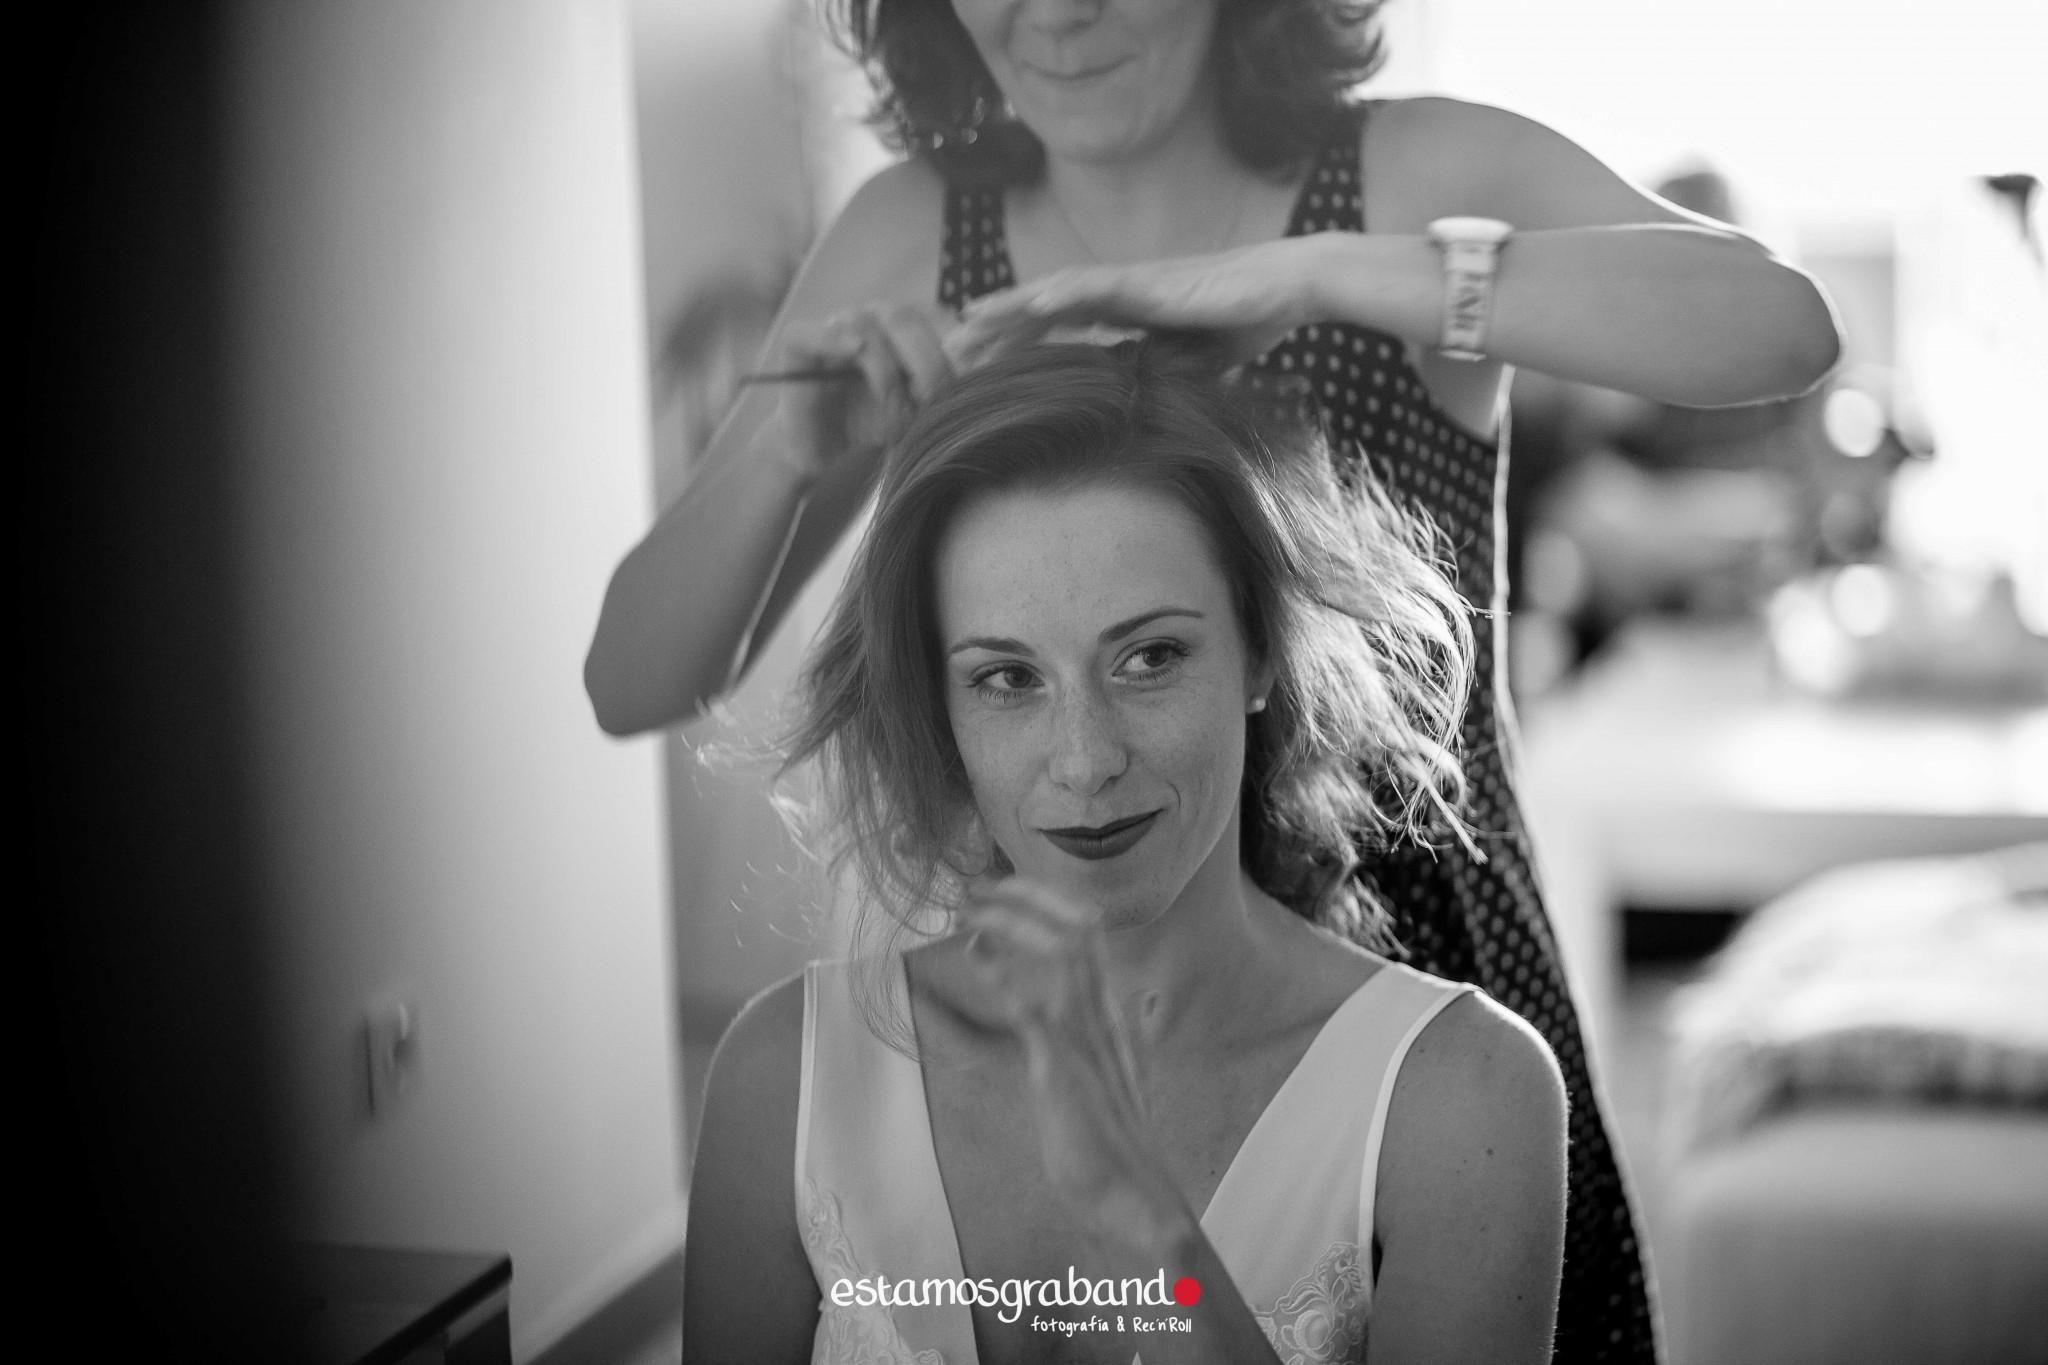 fotografo-de-bodas-jerez_mari-paz-jaime_bodegas-tradiciocc81n-22 32 escalones [Fotografía de bodas Jerez_Mari Paz & Jaime] - video boda cadiz